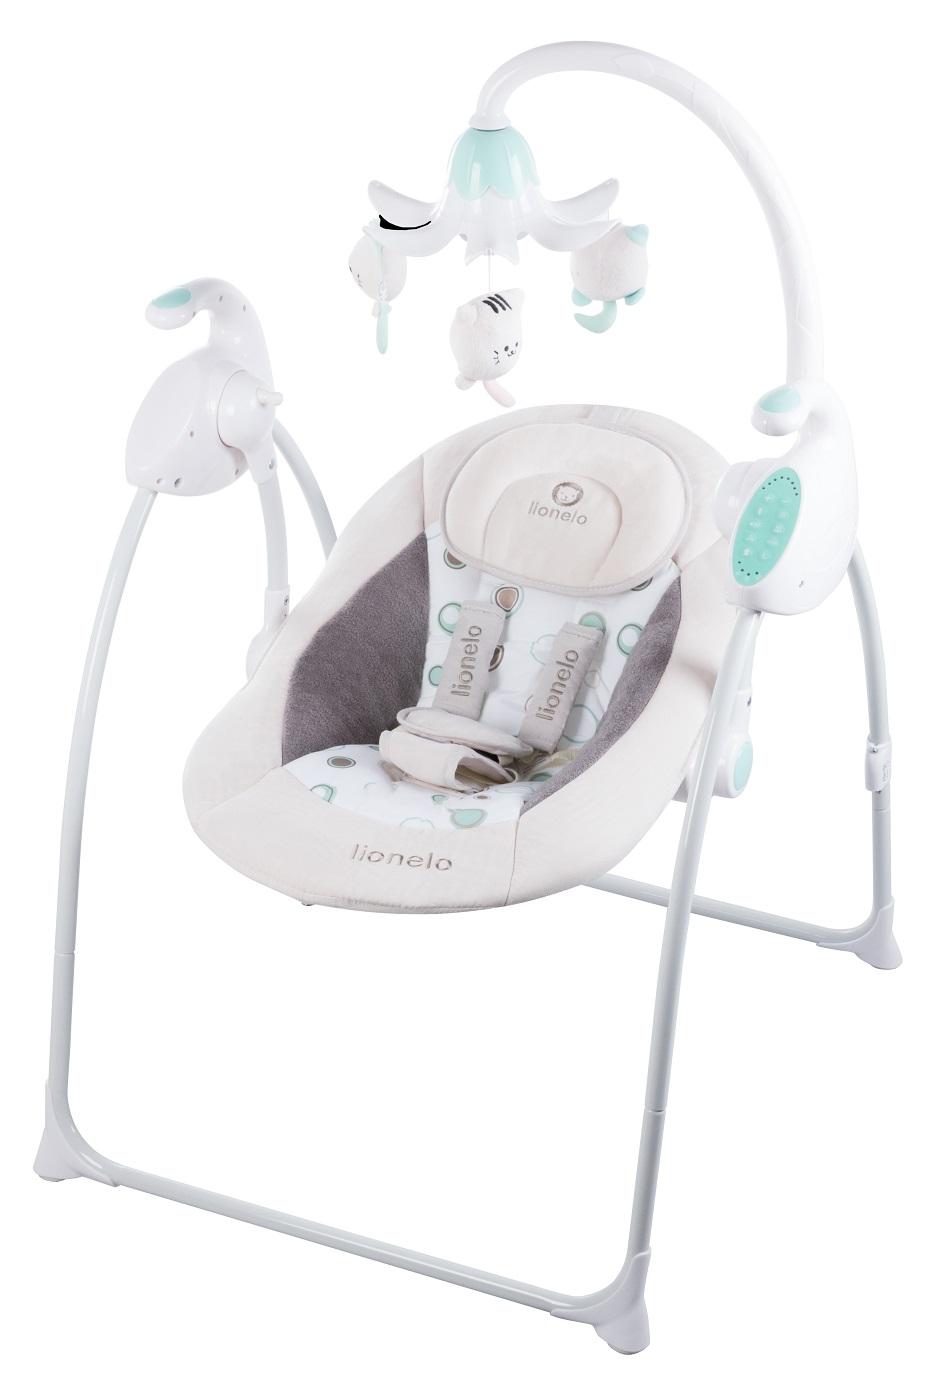 Lionelo Robin braun elektrische Babyschaukel Schaukel Wippe ...